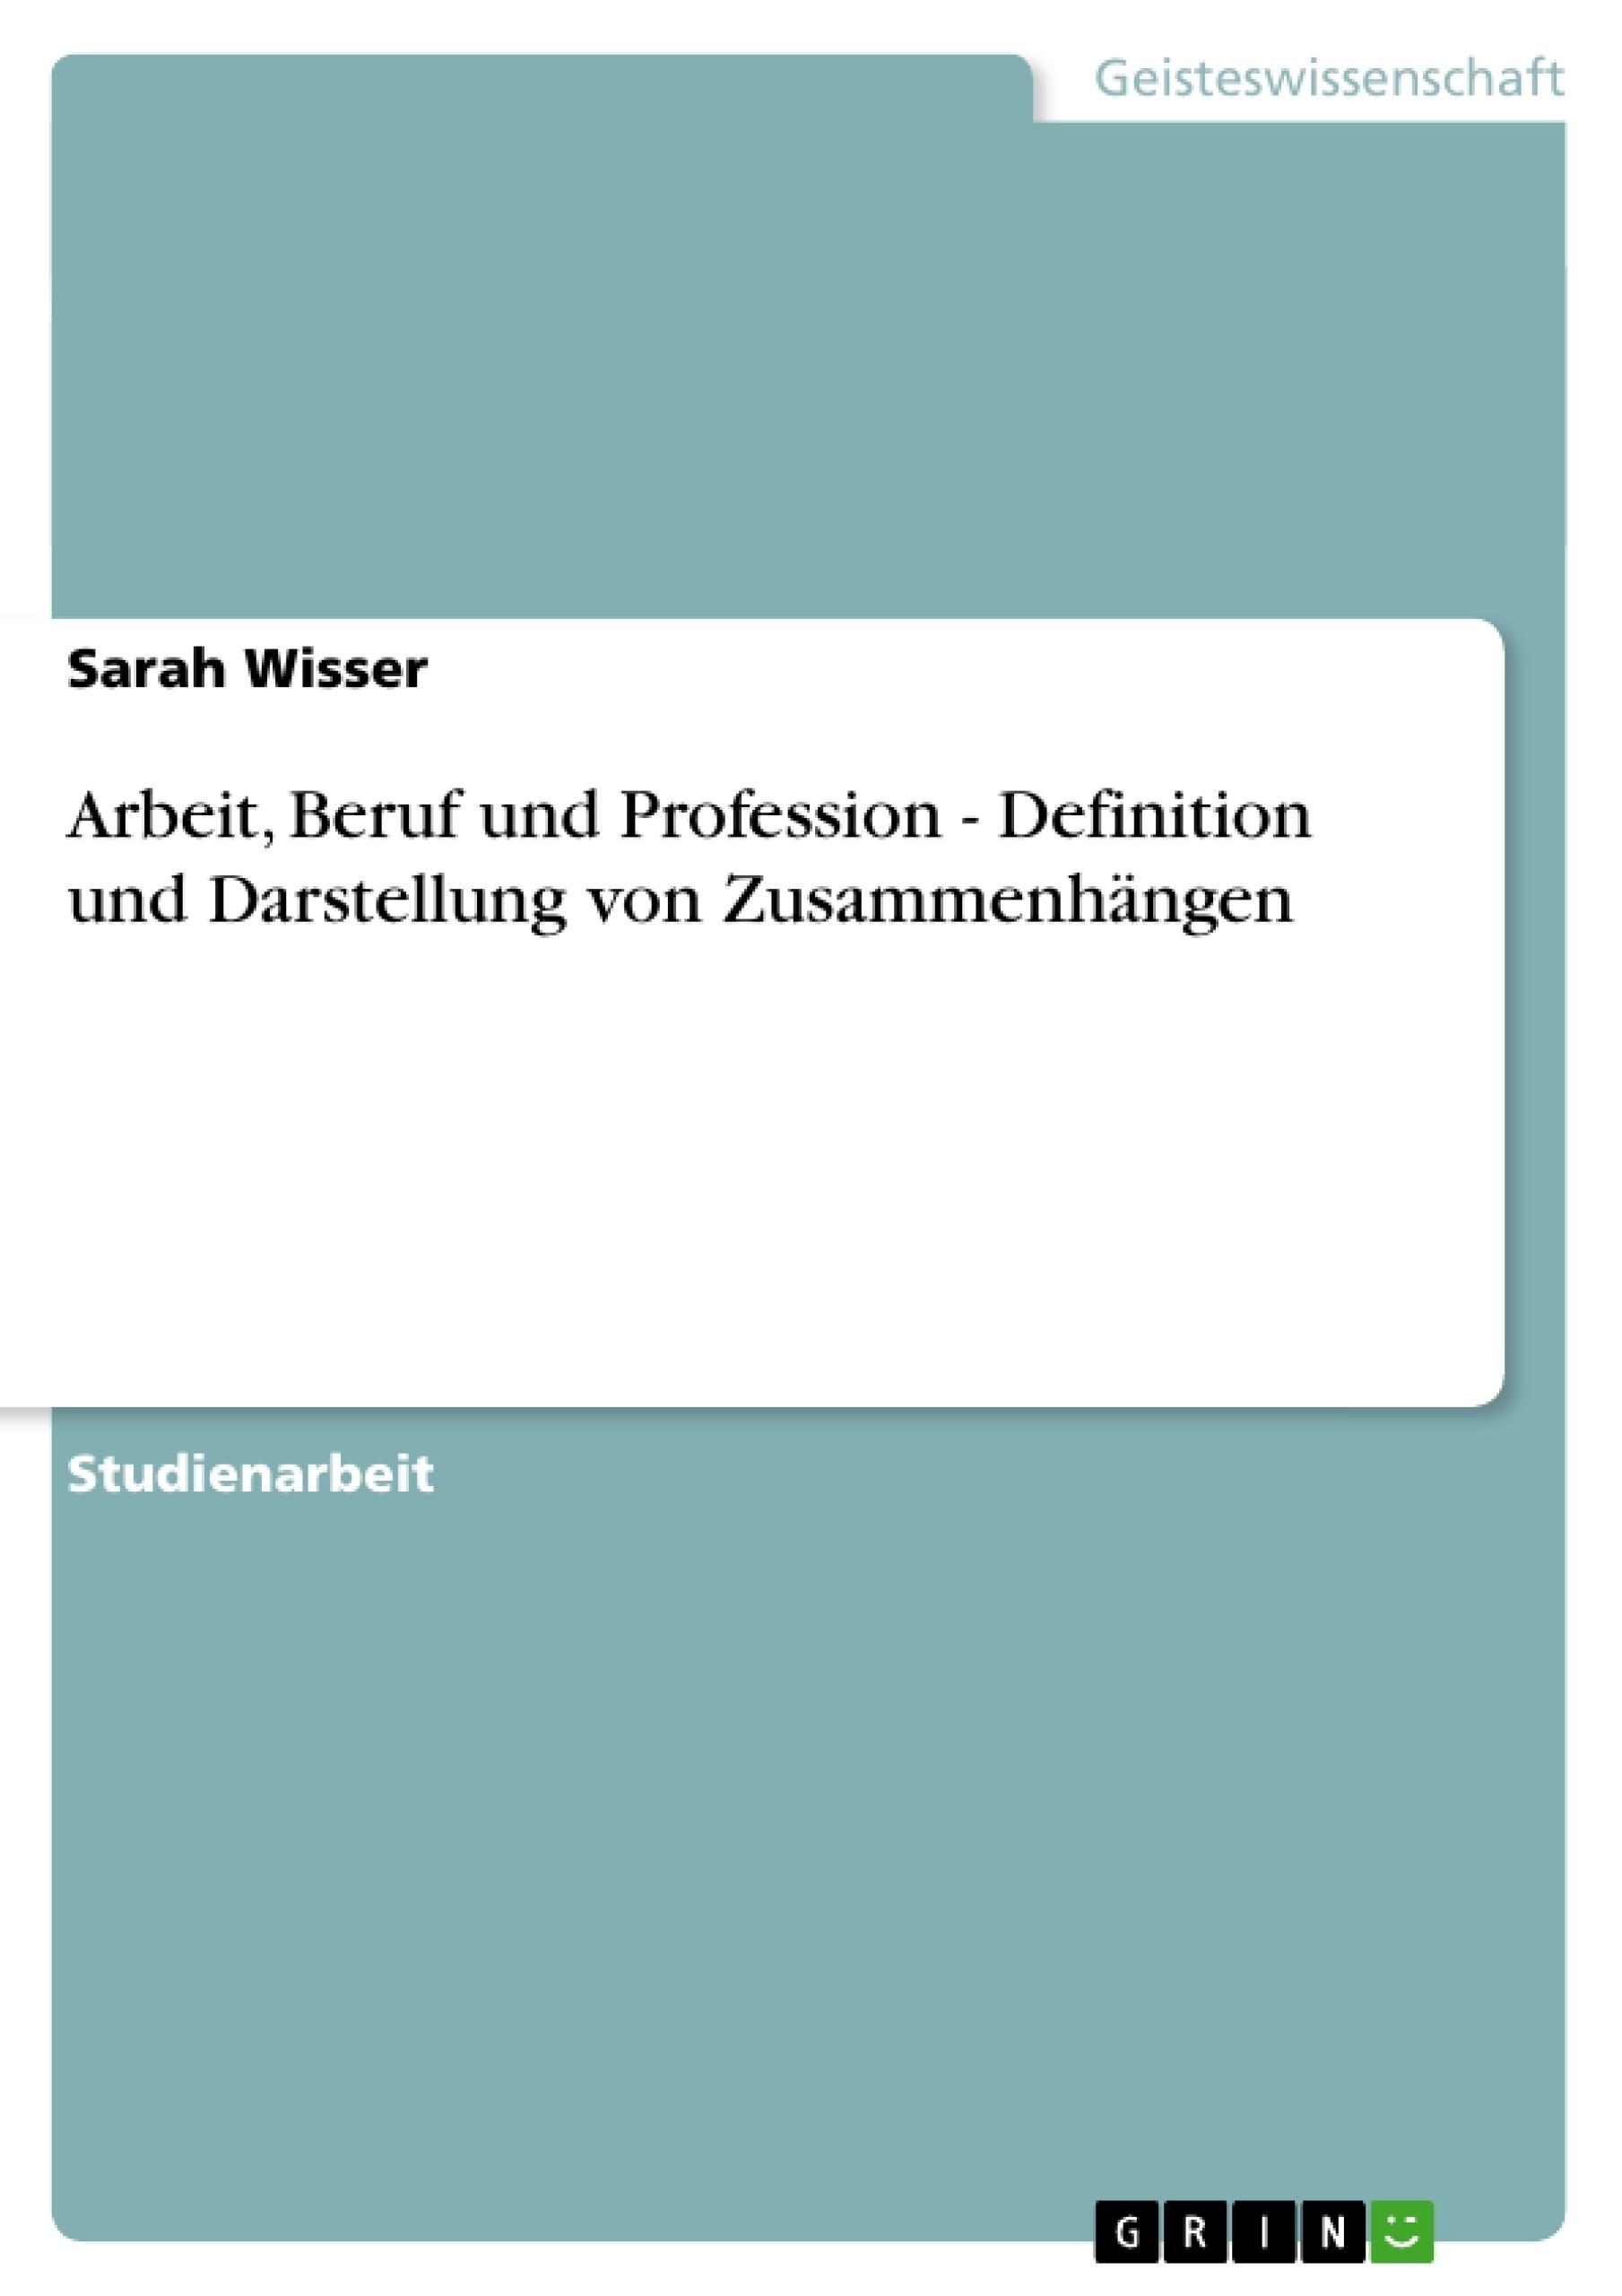 Titel: Arbeit, Beruf und Profession - Definition und Darstellung von Zusammenhängen